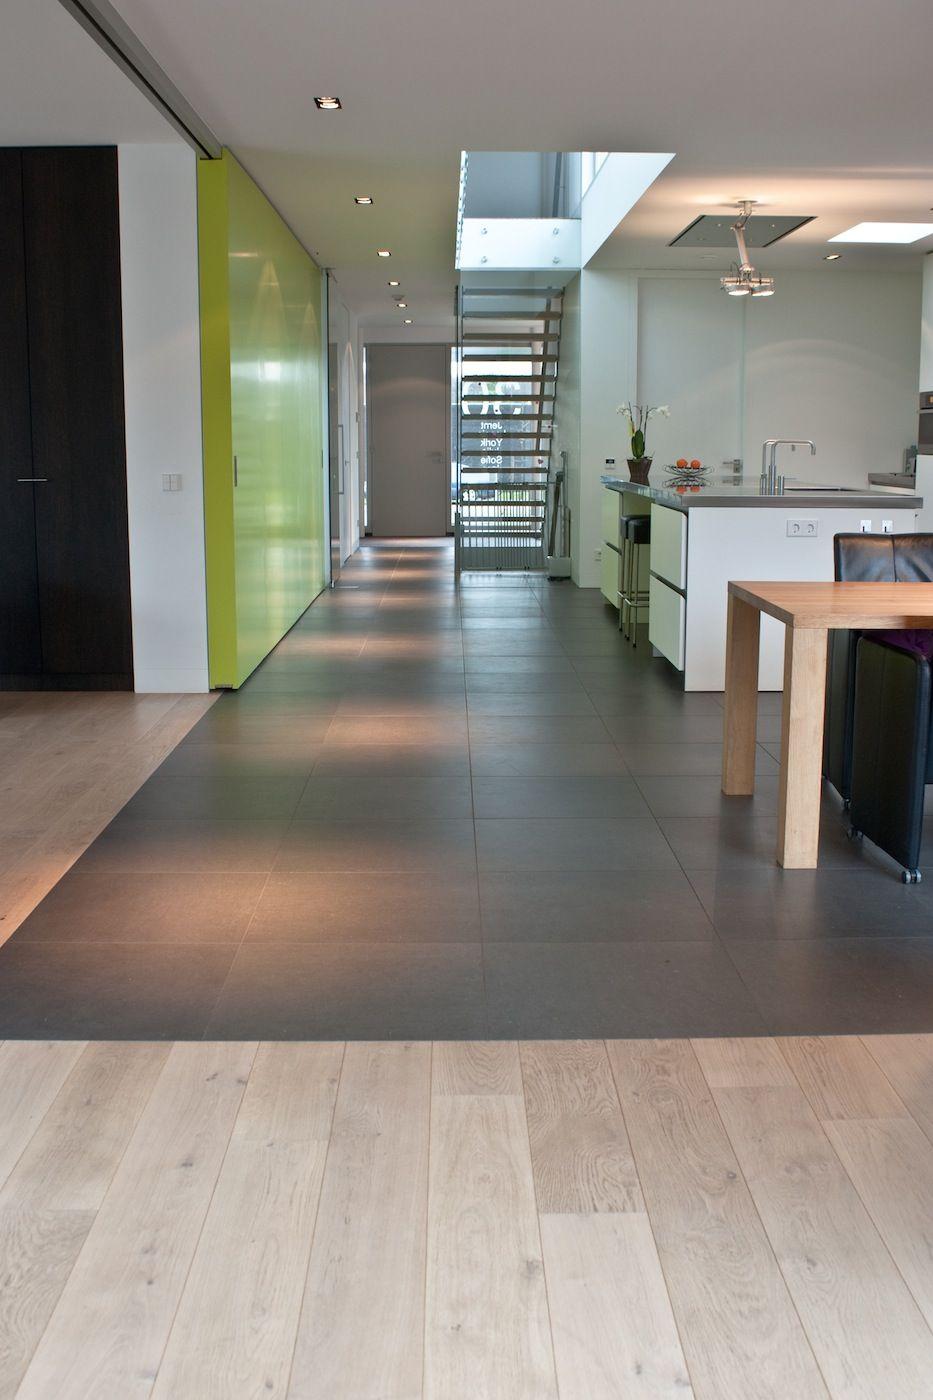 sch ner boden zwischen flur und k che wohnzimmer viel glas um transparenz zu schaffen. Black Bedroom Furniture Sets. Home Design Ideas